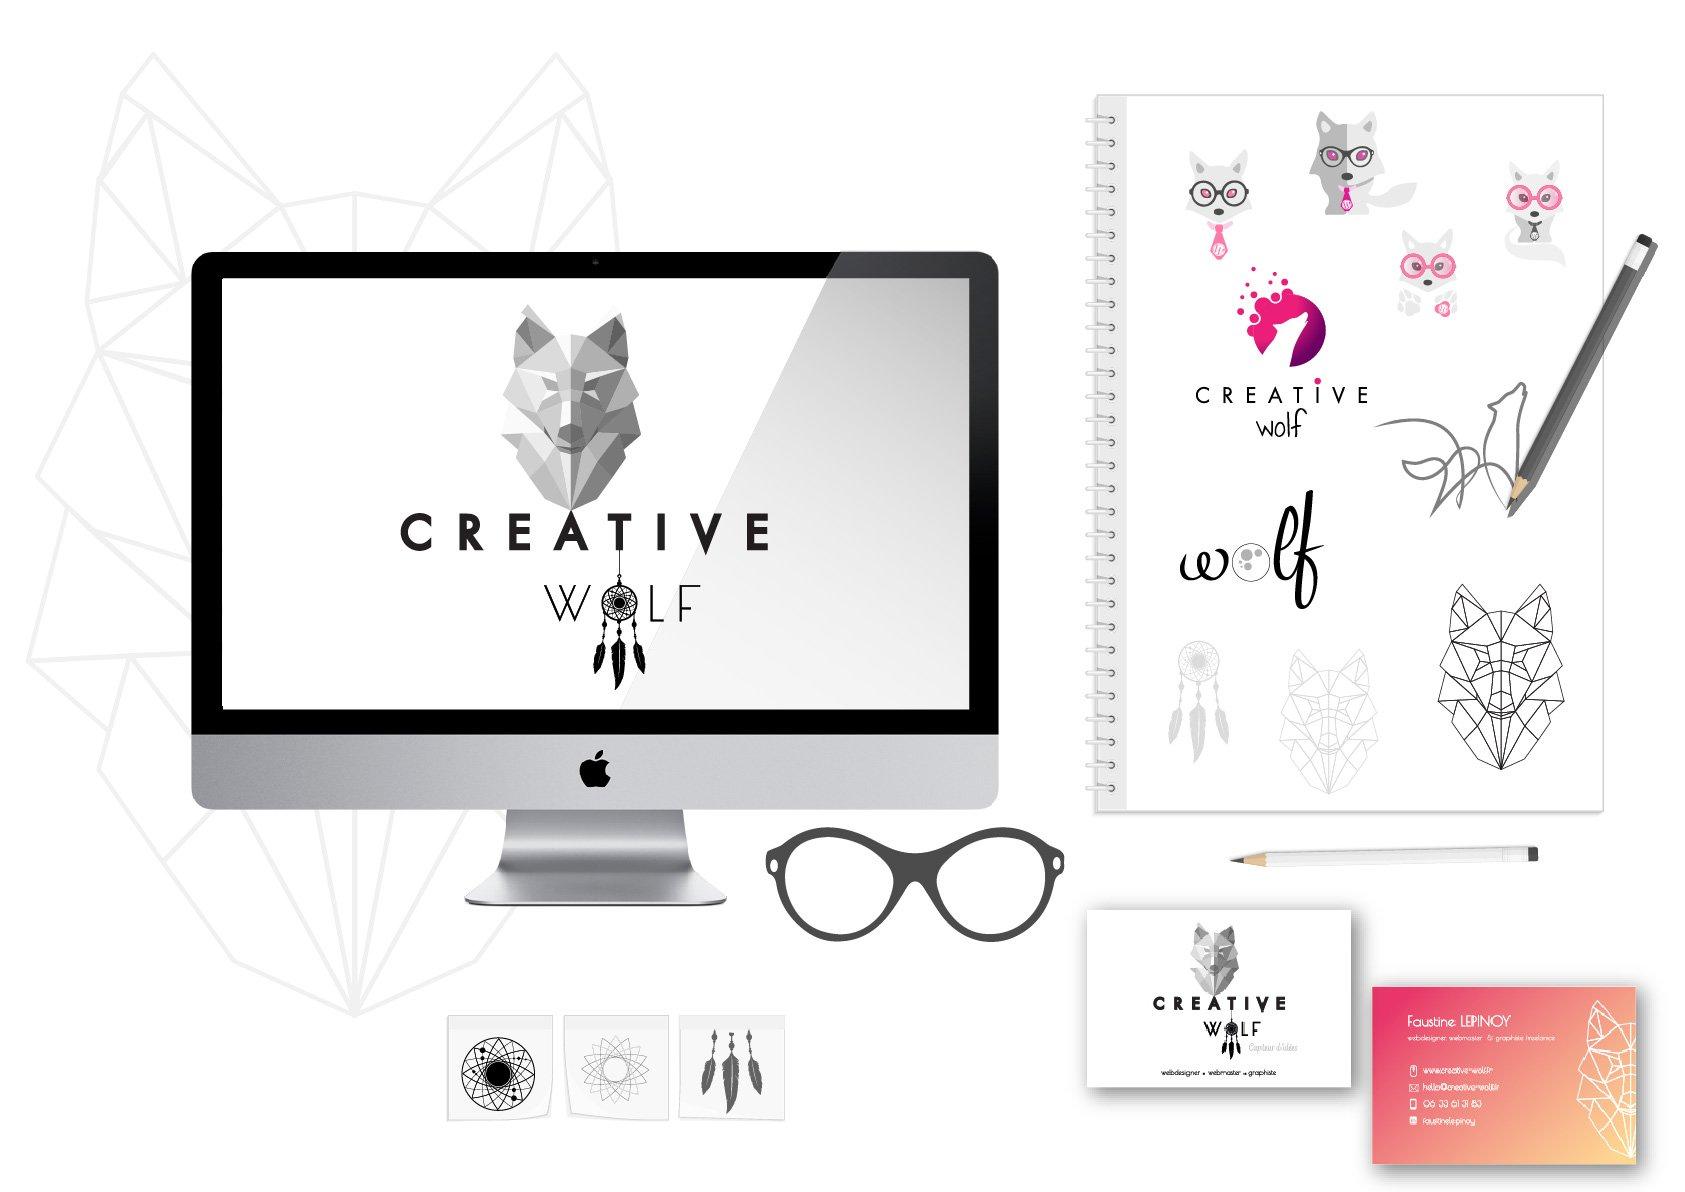 Creative Wolf - Identite visuelle